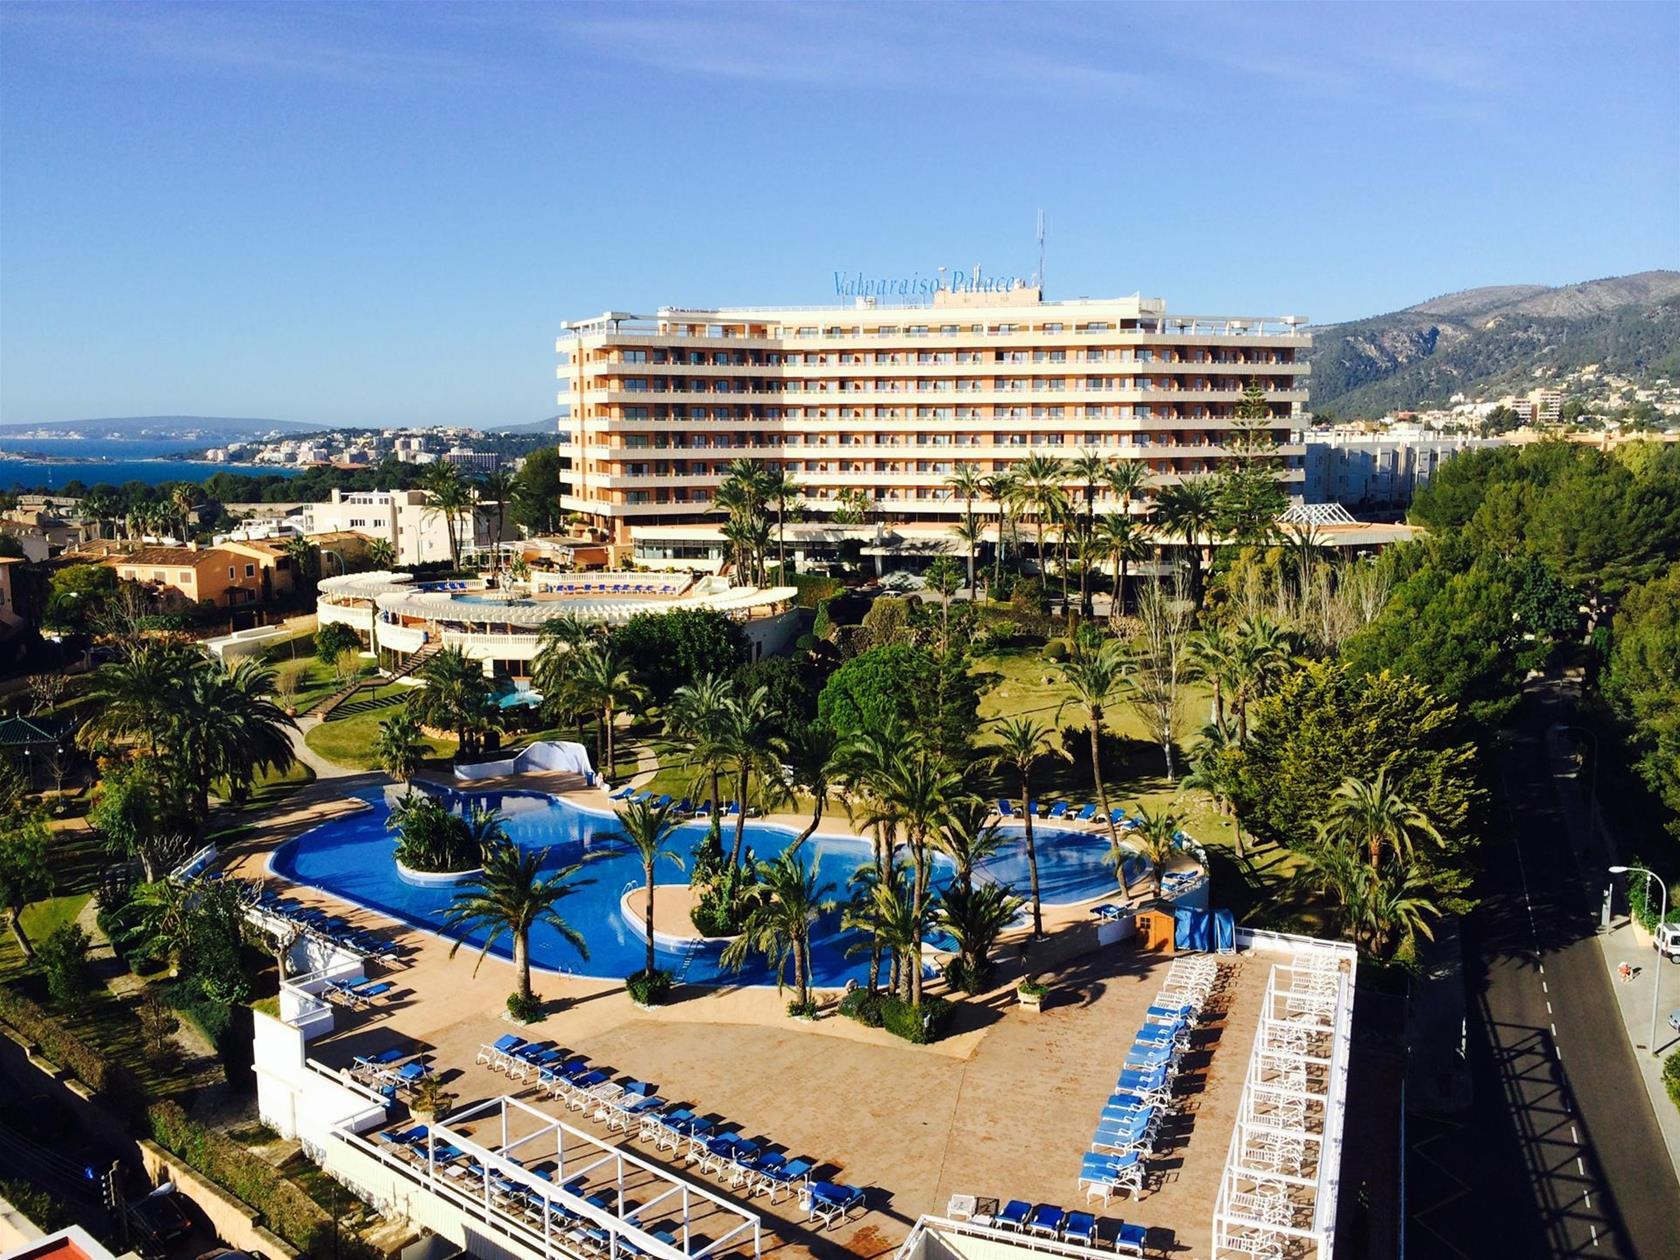 HotelGPRO Valparaiso Palace Spa